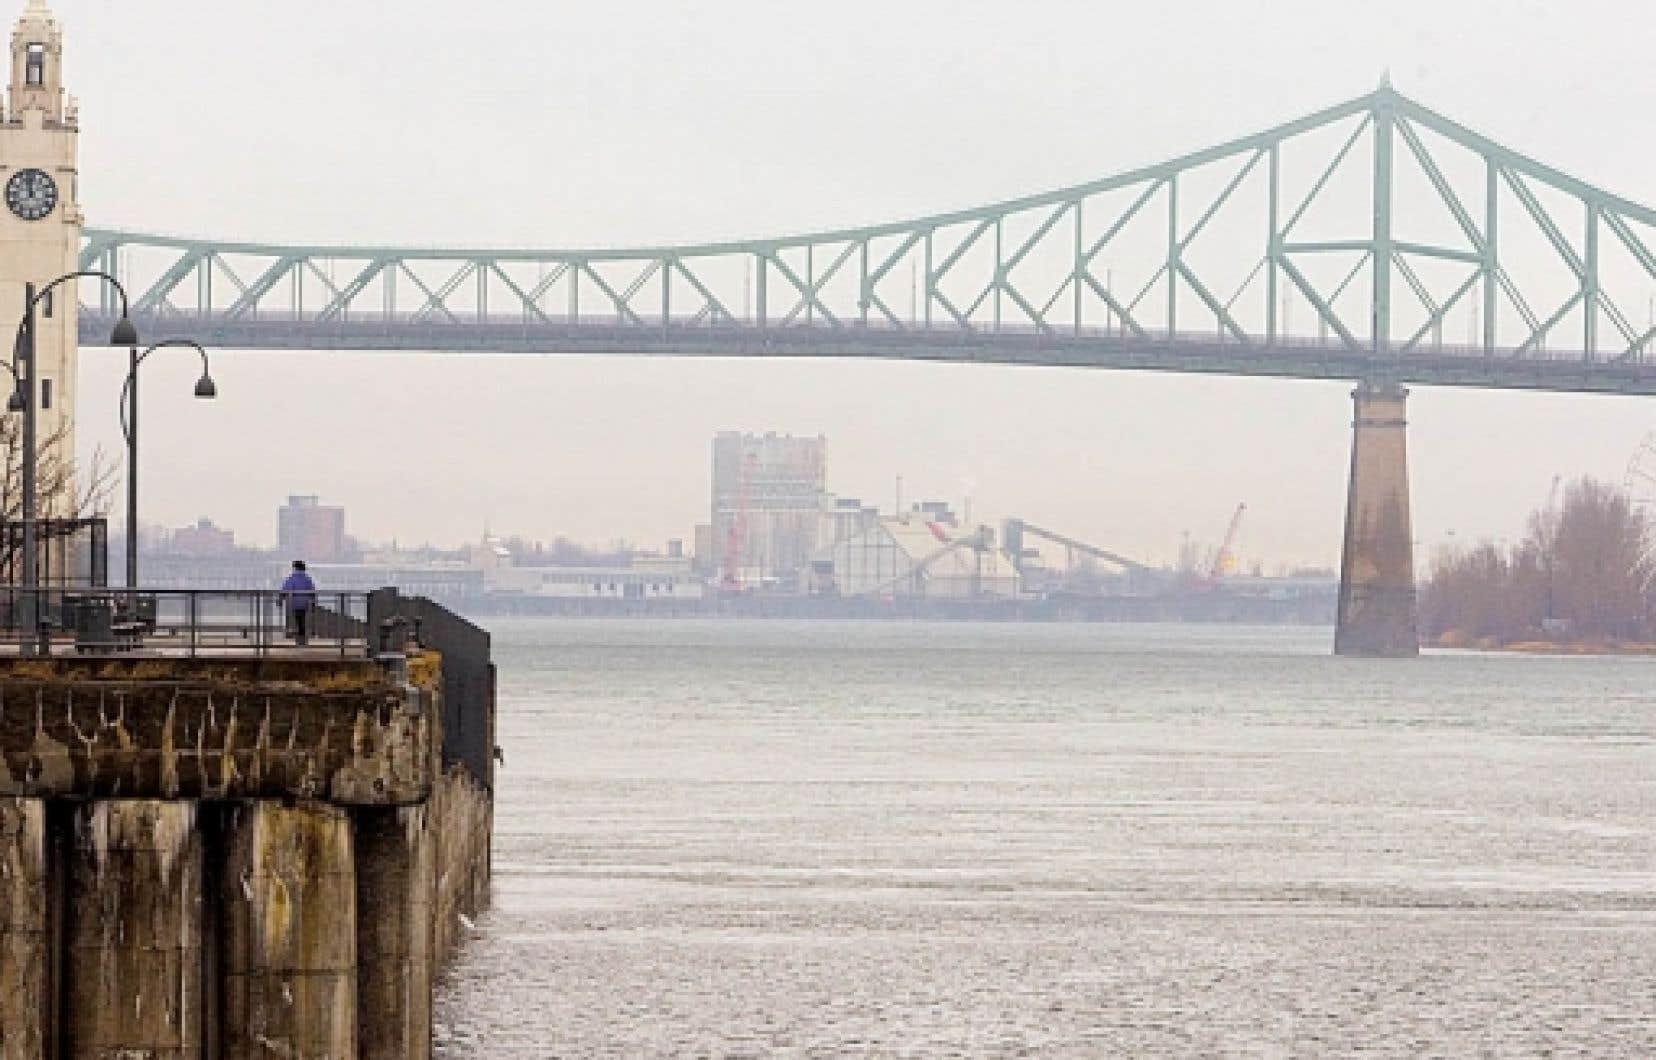 Le plan visant à nettoyer le fleuve Saint-Laurent a été reconduit pour 15 ans.